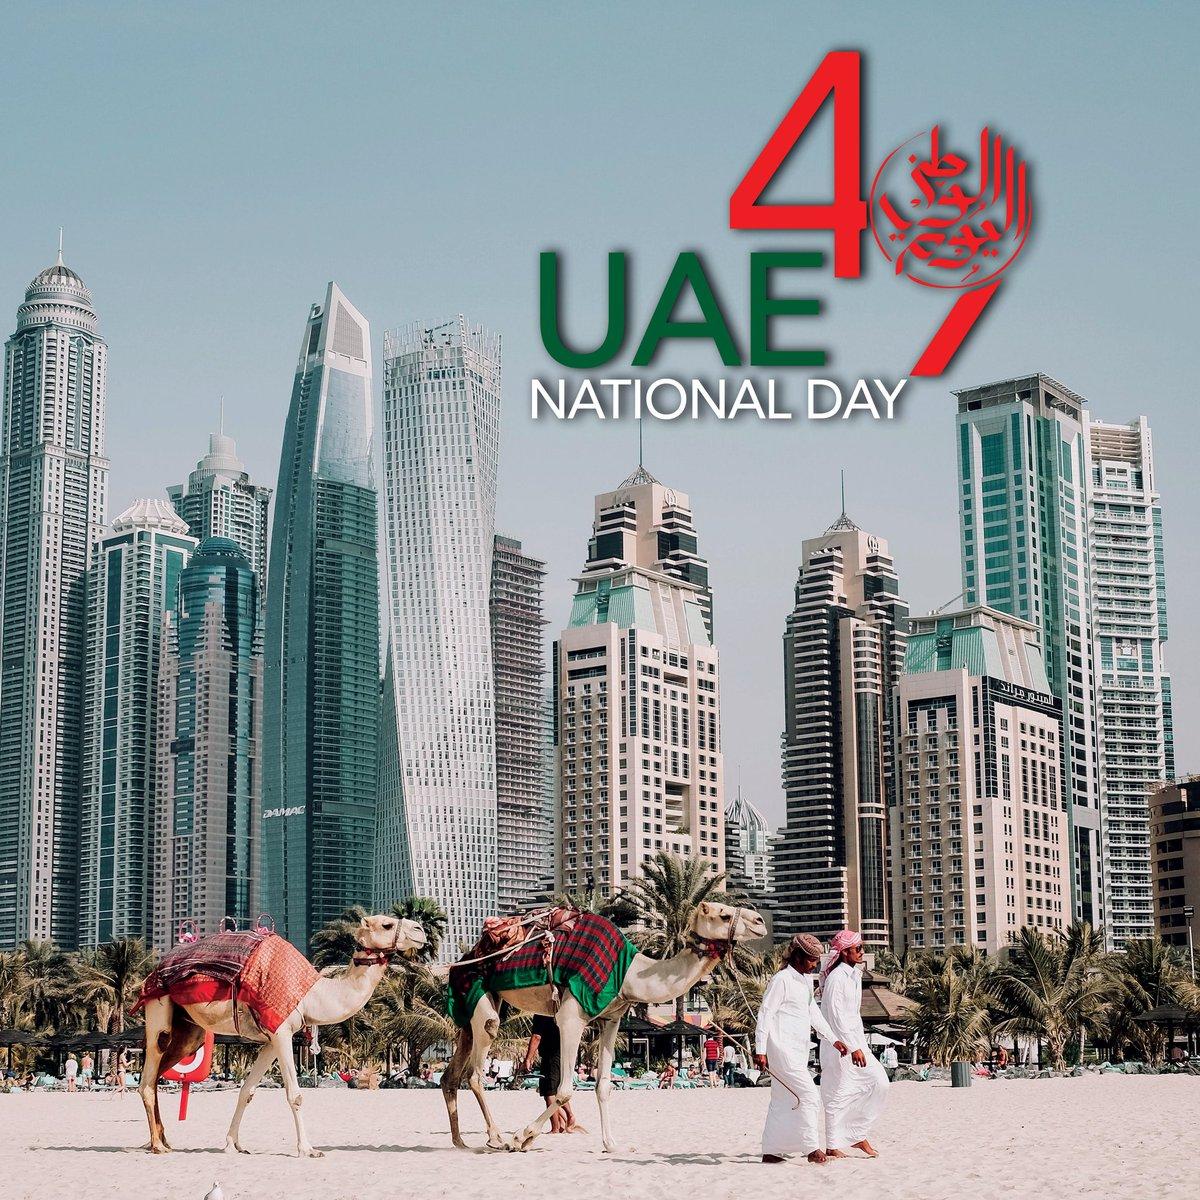 كل عام وأهلنا وأخوانا بالإمارات بألف خير وصحة وعافية 🤍 🇦🇪  #اليوم_الوطني49 #UAENationalDay49